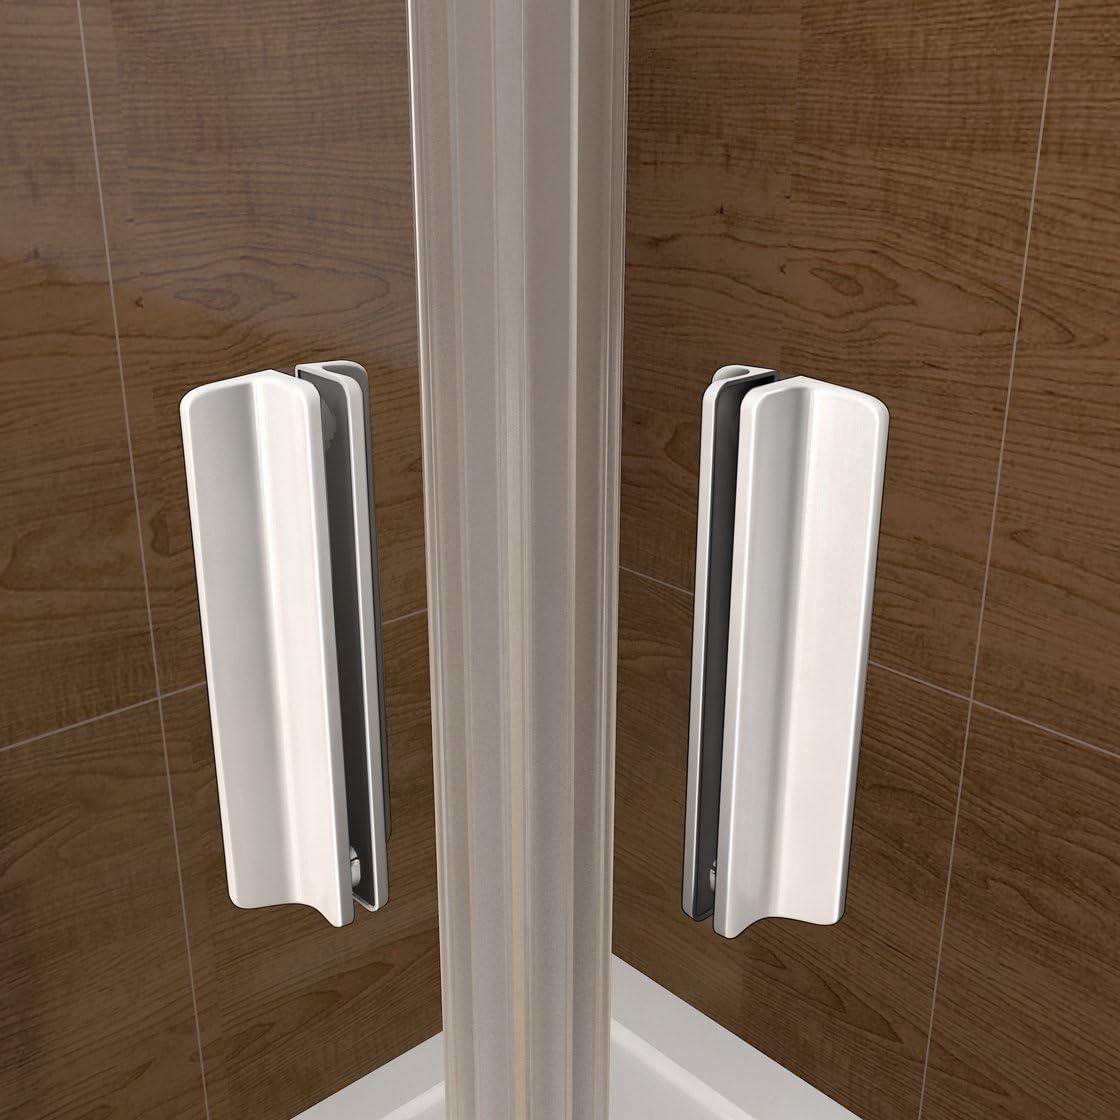 Mampara de Ducha Angular cabina de ducha mampara de ducha cuadrada Puerta Corredera Cristal 5 MM perfilería gris mate 100x80cm: Amazon.es: Bricolaje y herramientas